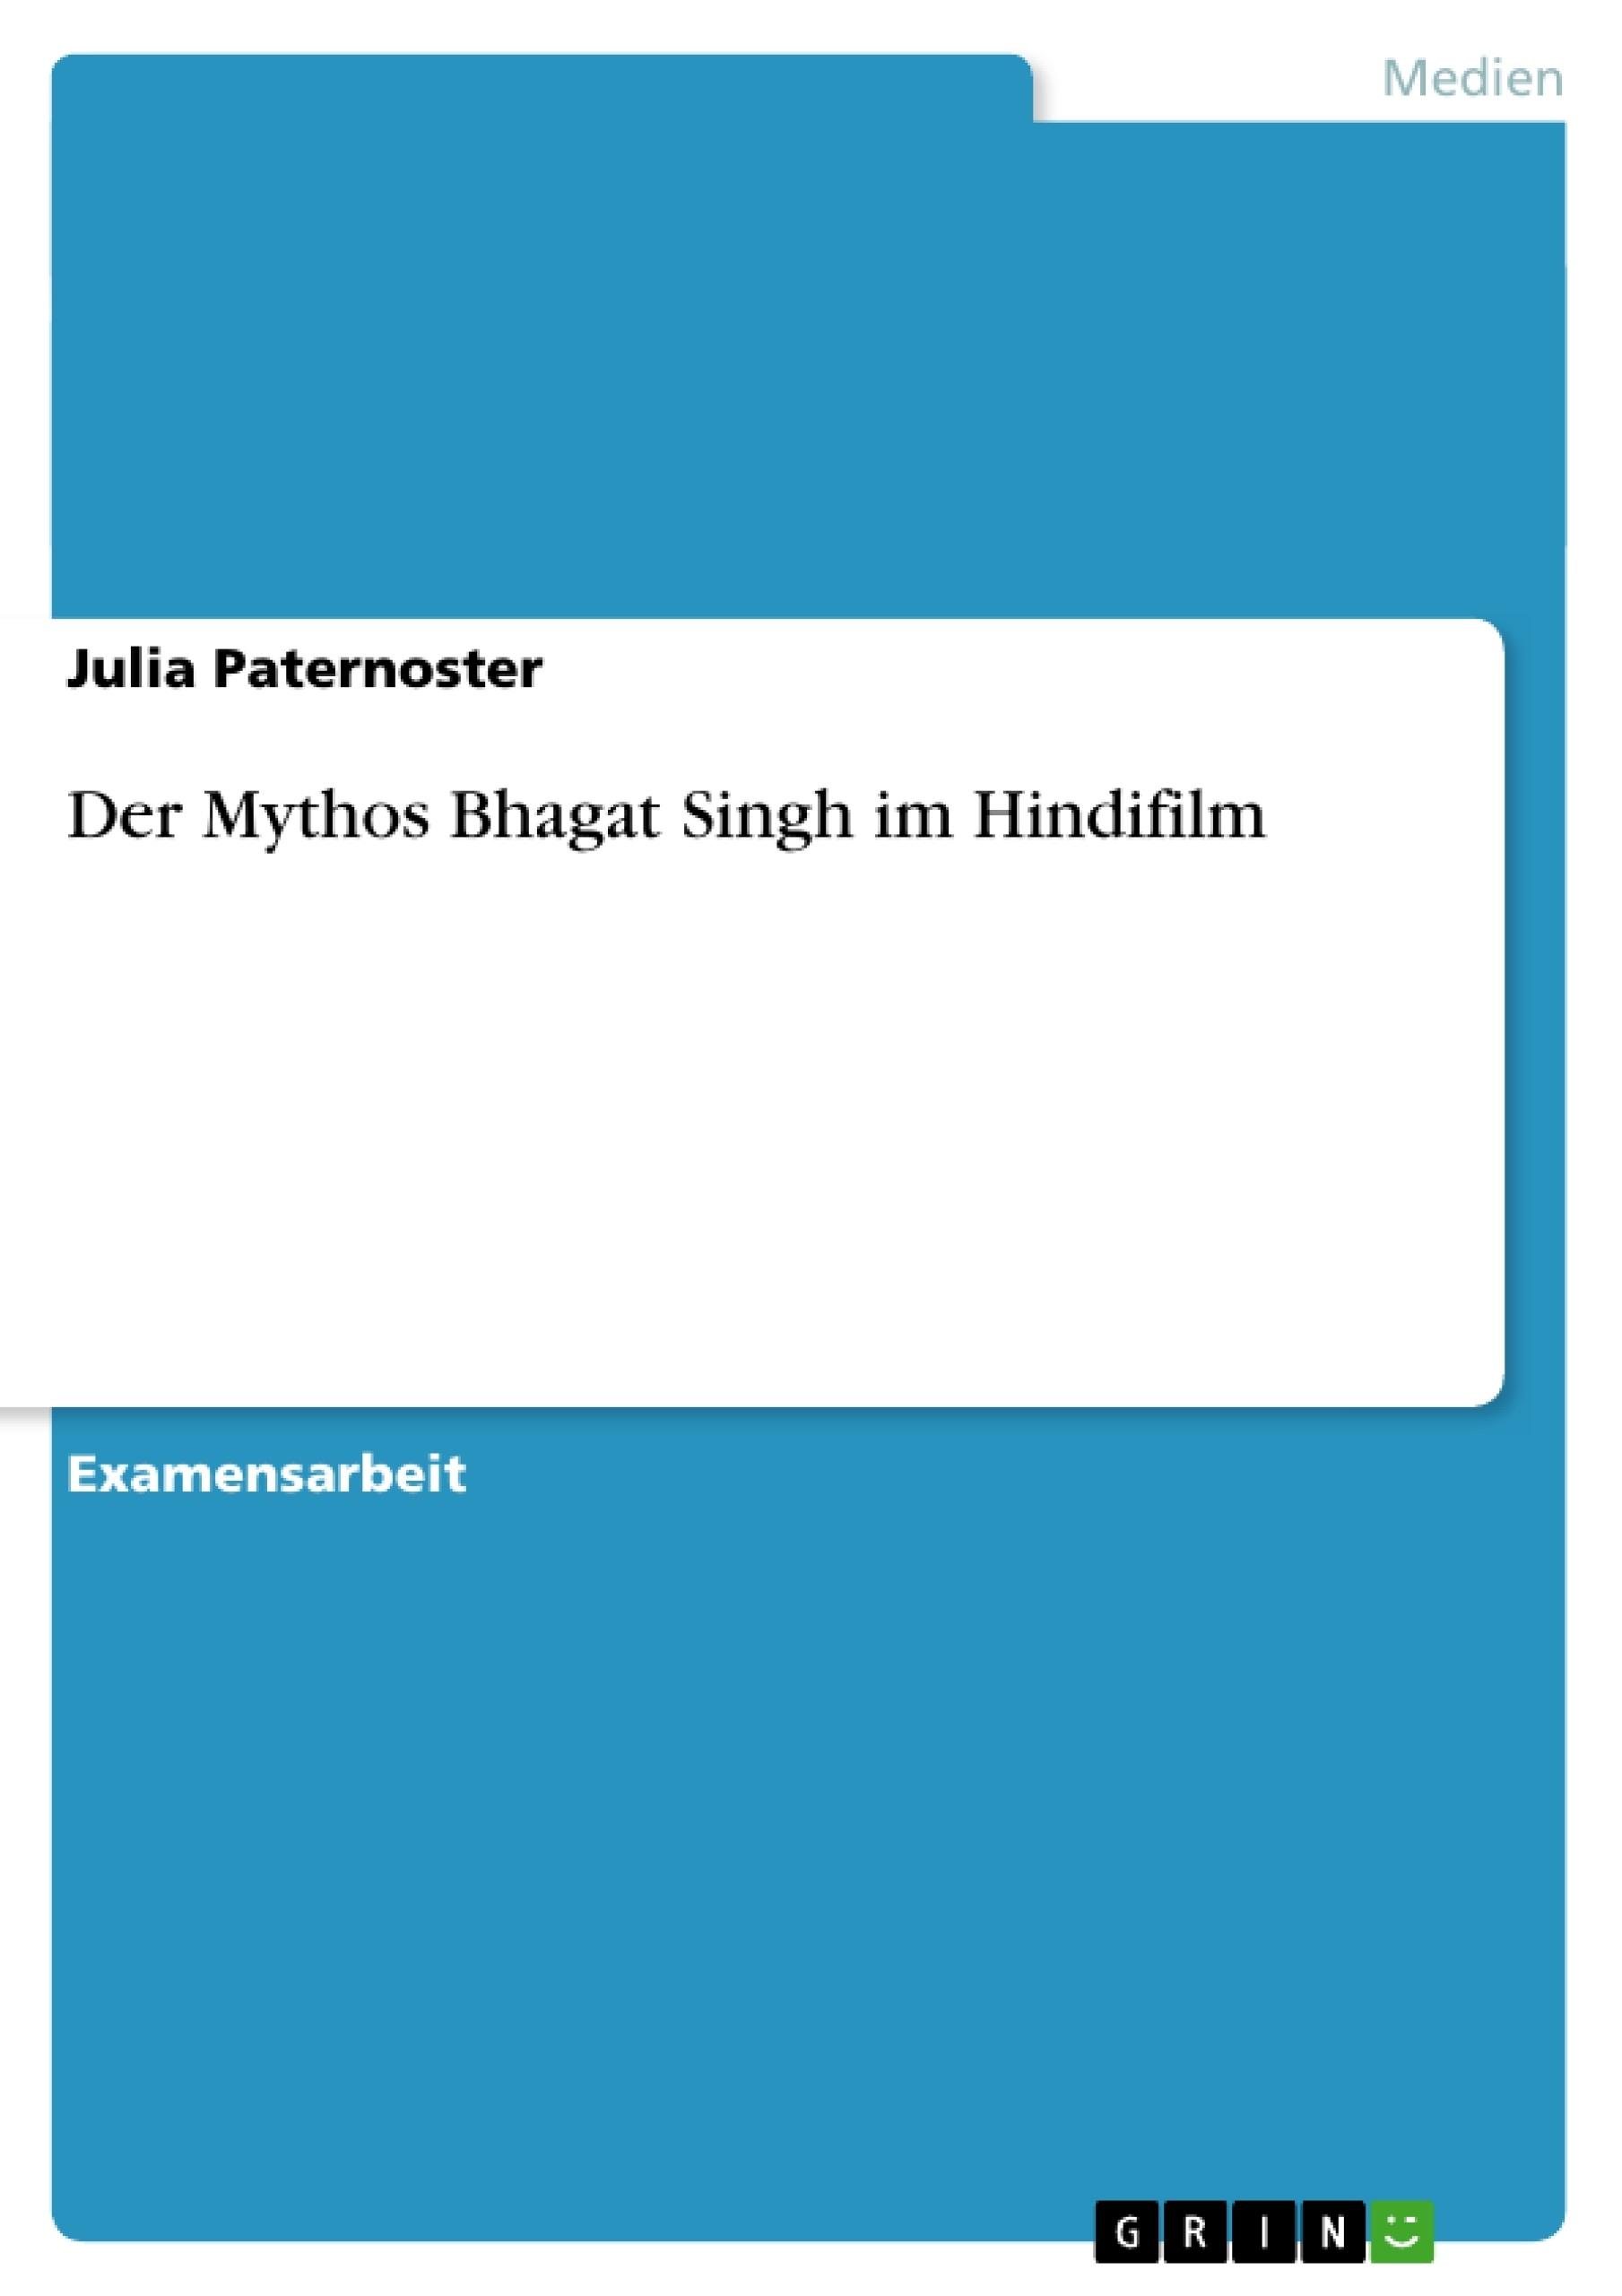 Titel: Der Mythos Bhagat Singh im Hindifilm